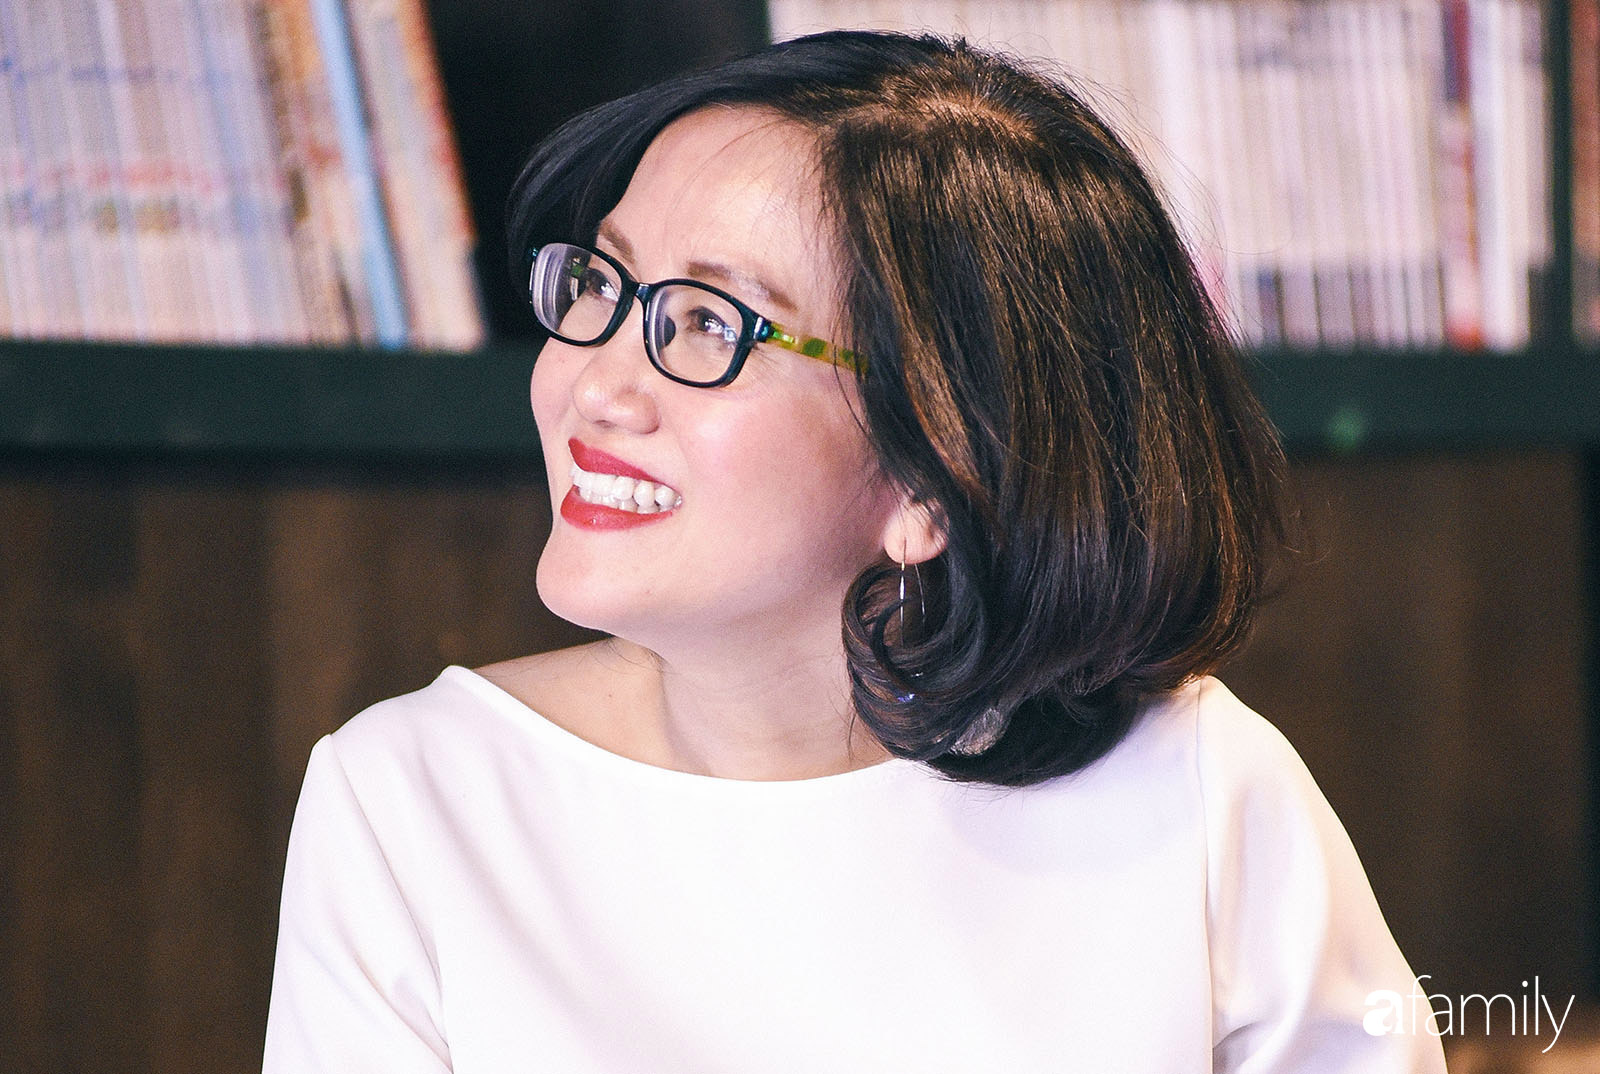 Thu Giao: Từ Giám đốc nhân sự trở thành người chuyên giúp phụ nữ đẹp hơn cả trong lẫn ngoài - Ảnh 12.